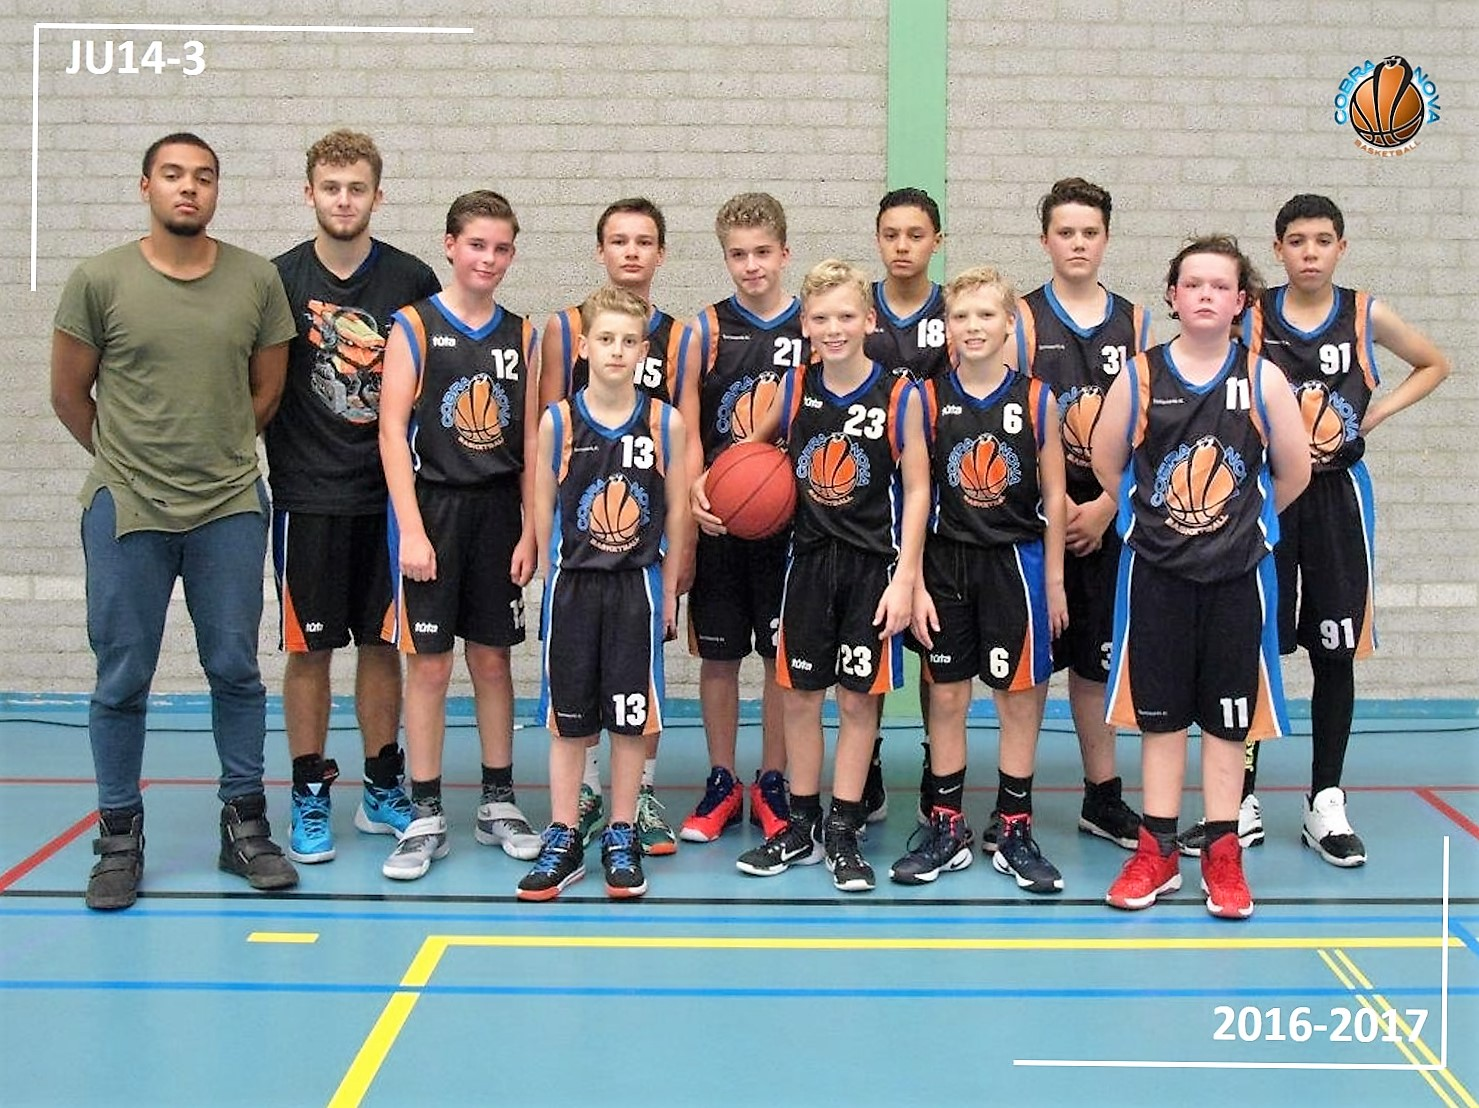 team-ju14-3